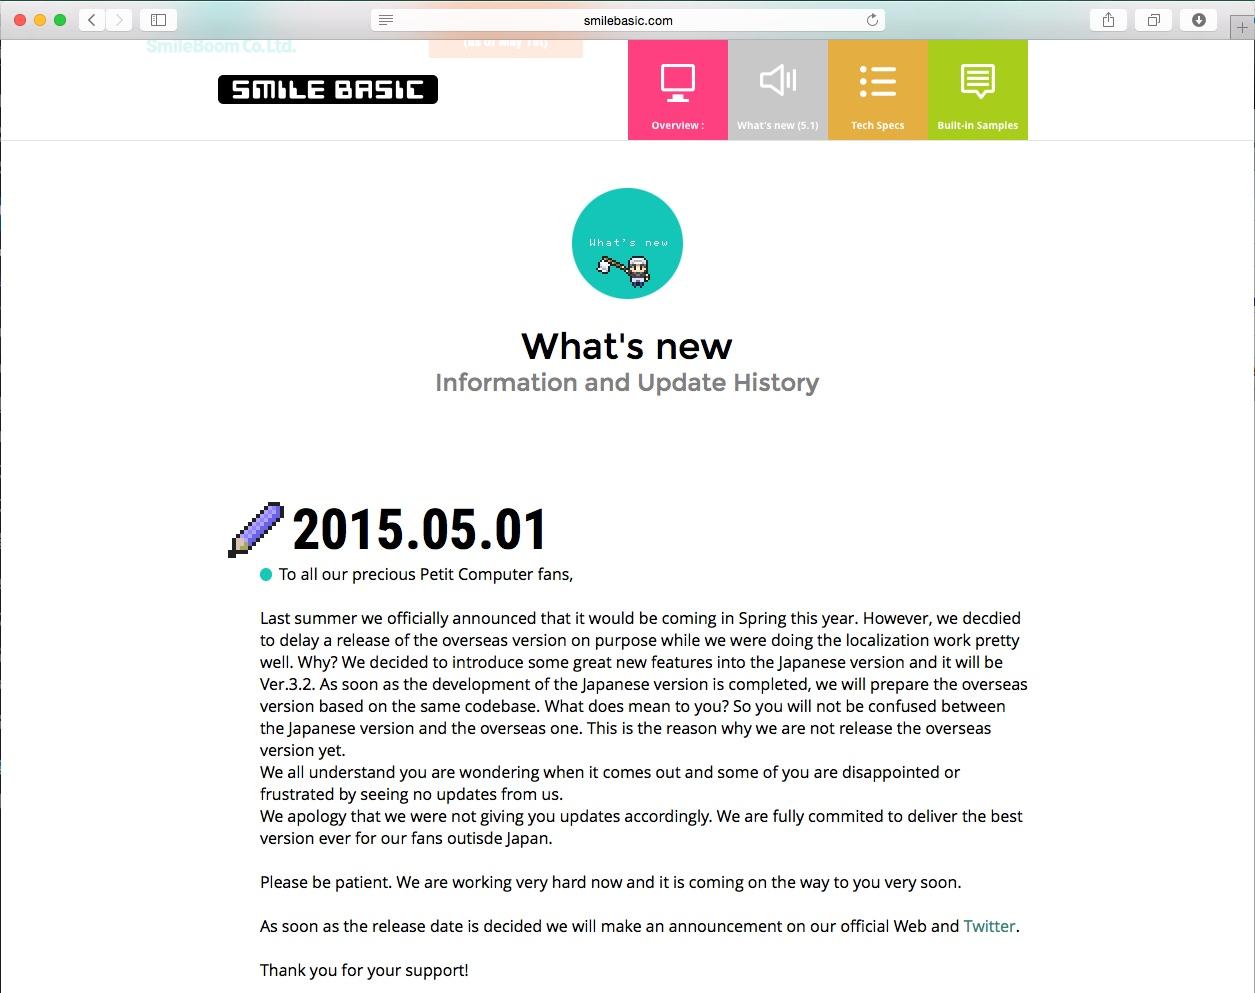 Communiqué Smilebasic dd. 01.05.2015